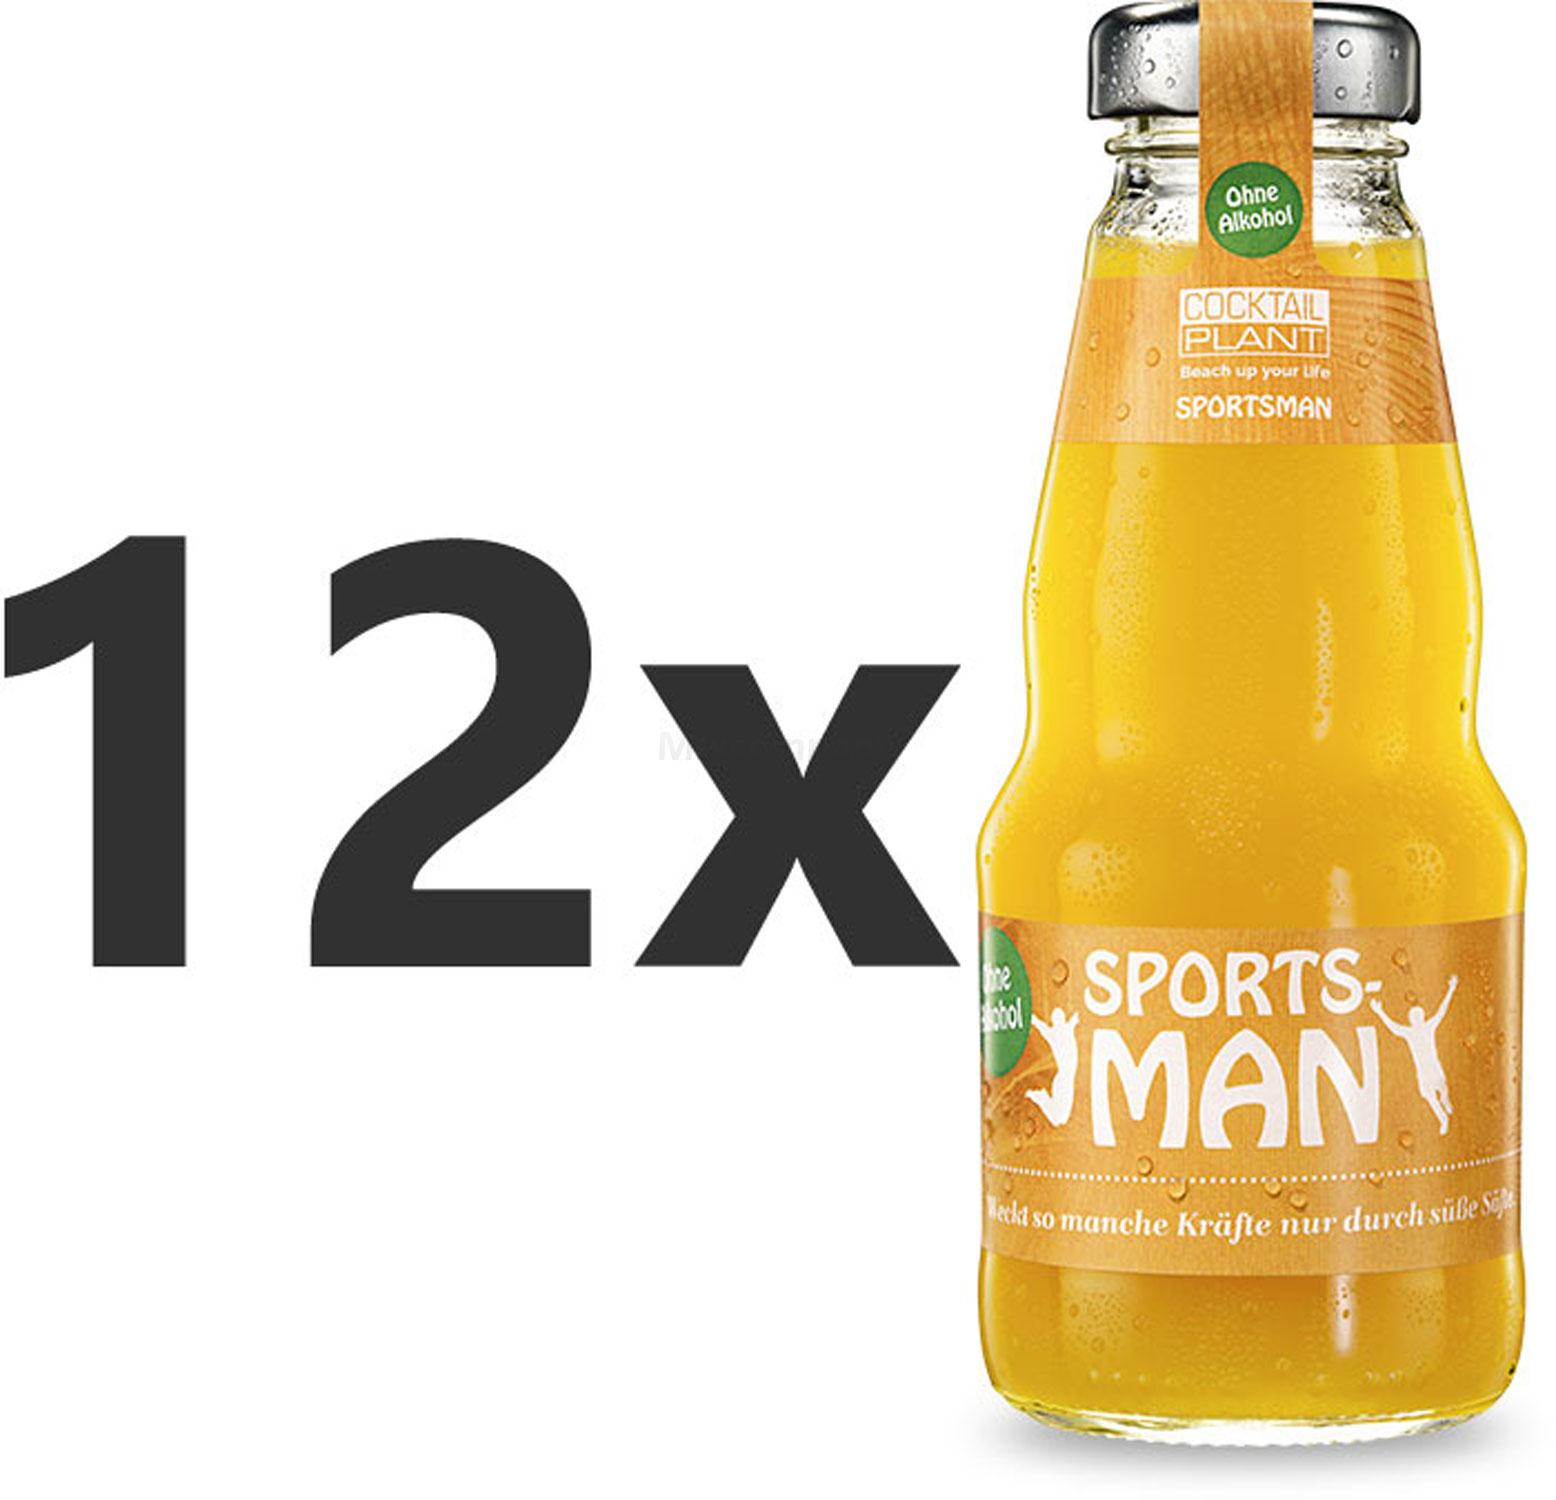 Cocktail Plant Sportsman Alkoholfrei 12x 0,2l = 2,4l - inkl. Pfand MEHRWEG